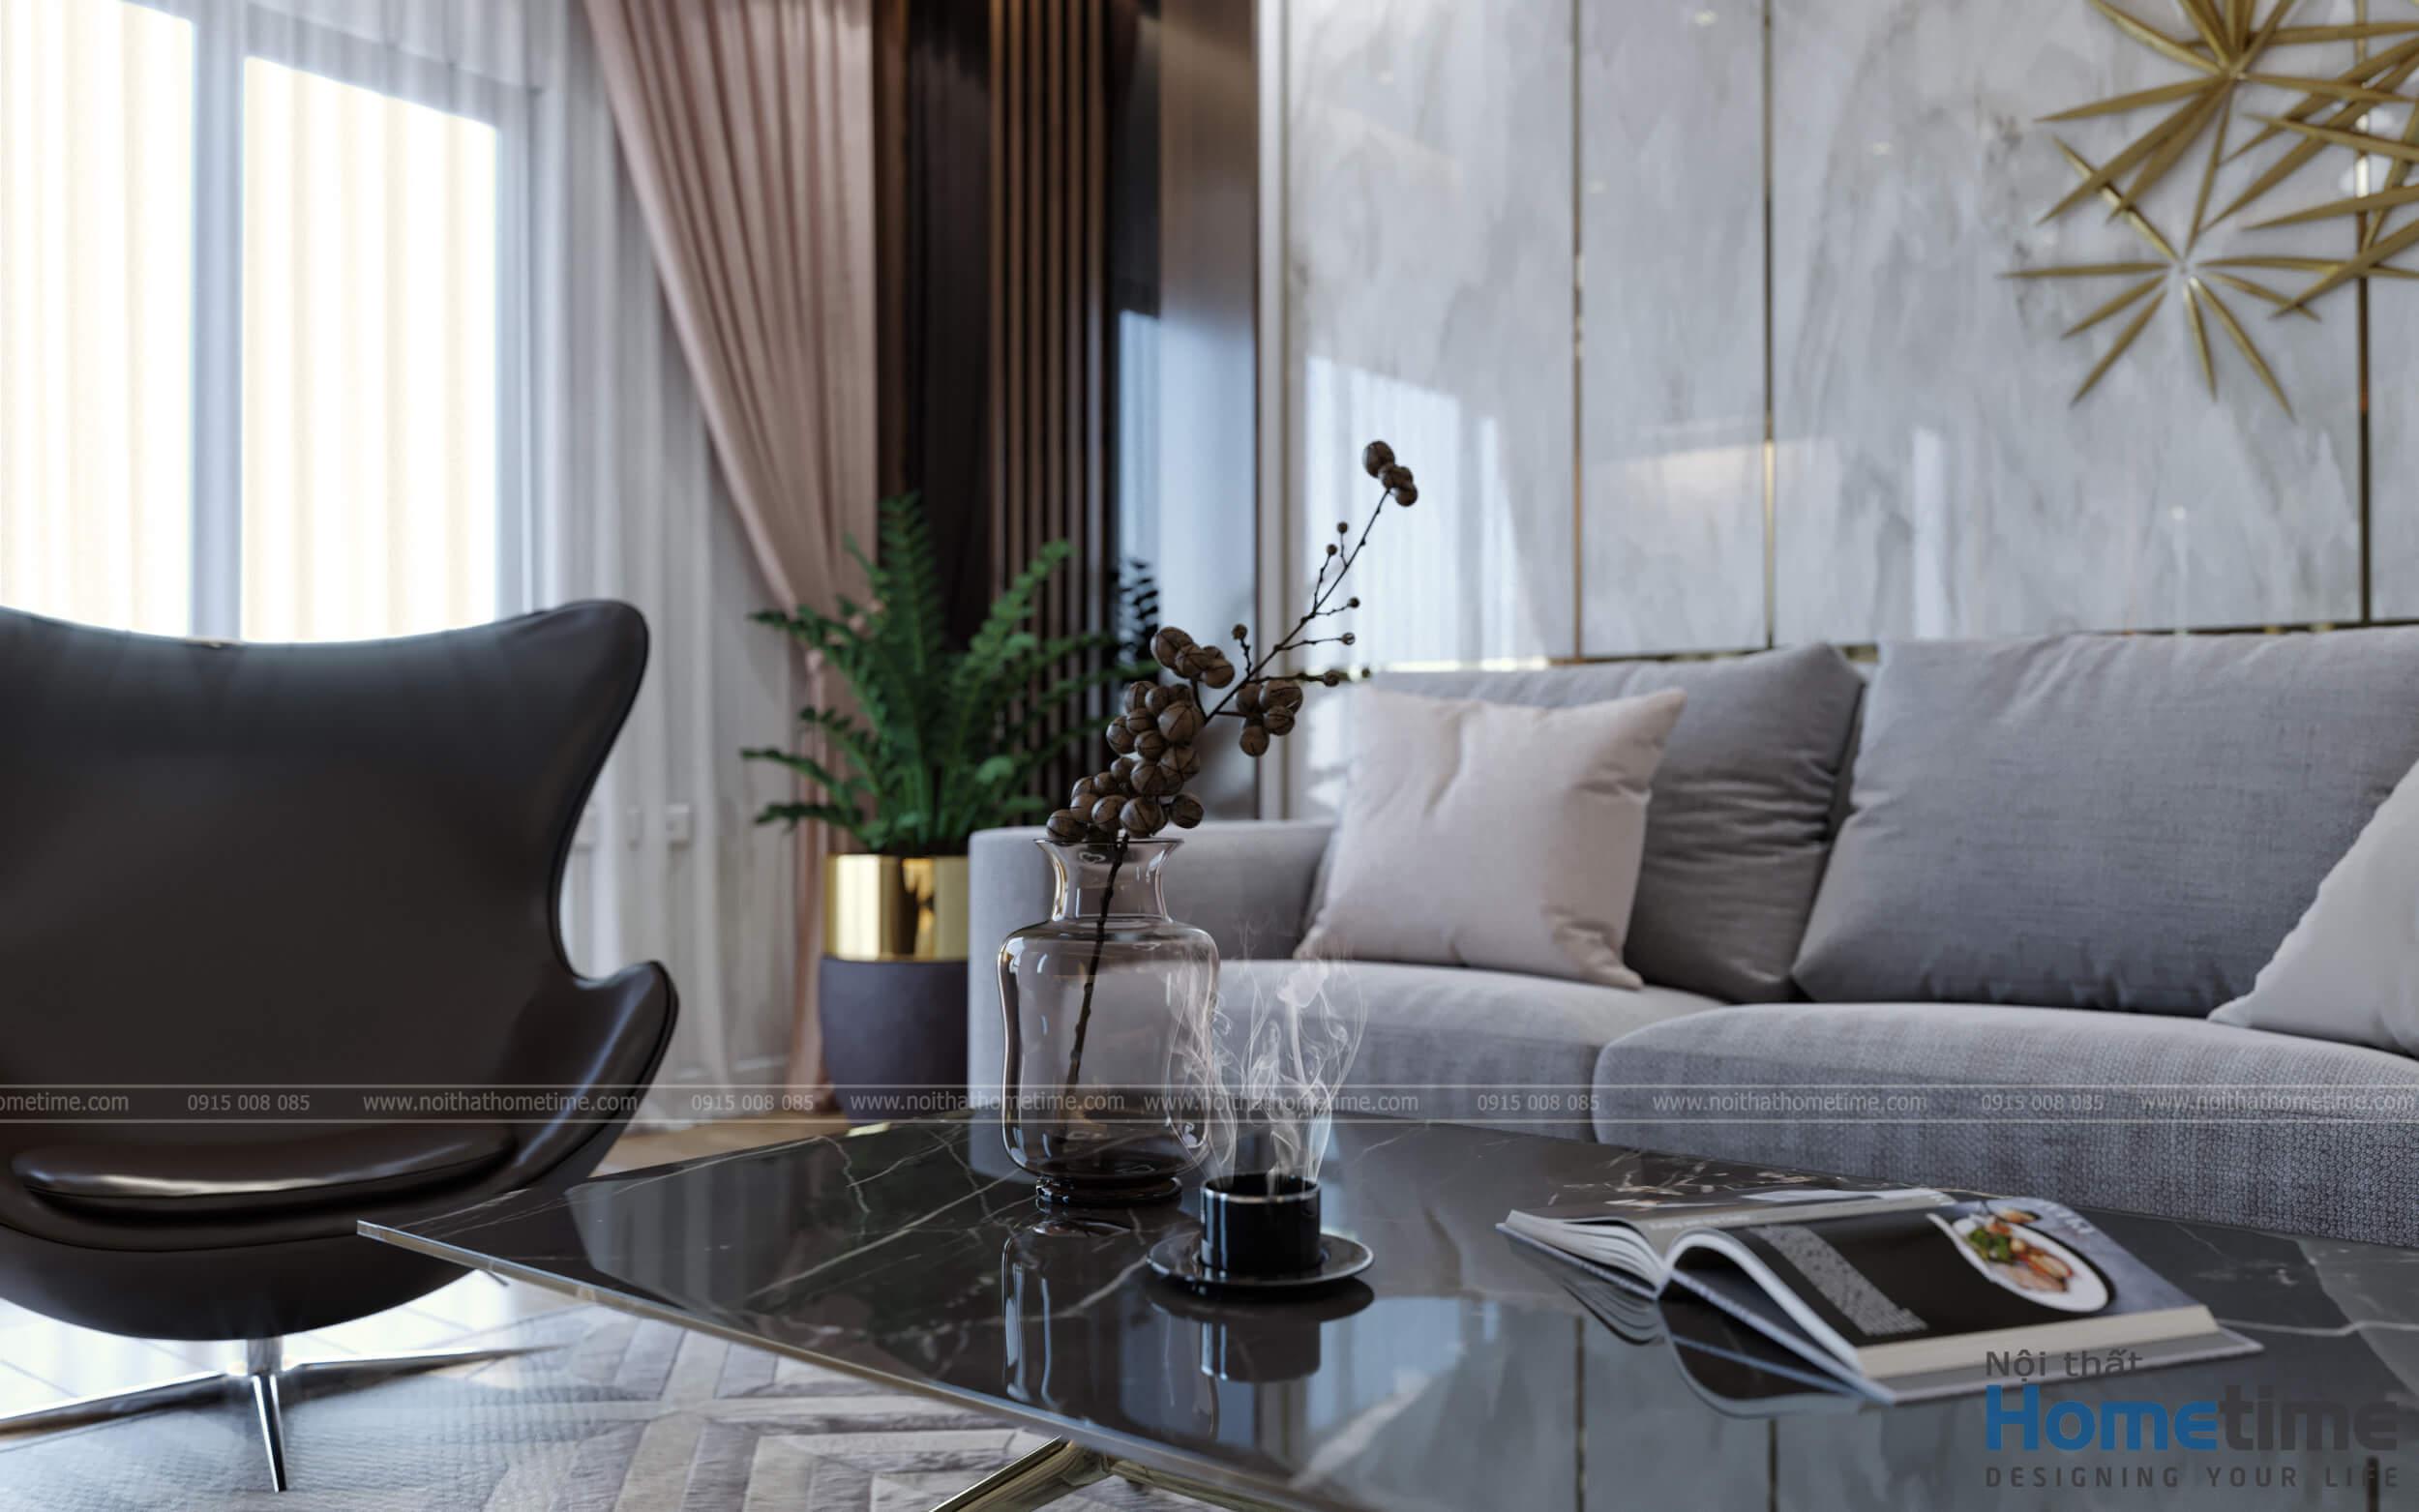 Nổi trội với chiếc ghế thư giãn và bộ bàn trà mặt đá cao cấp